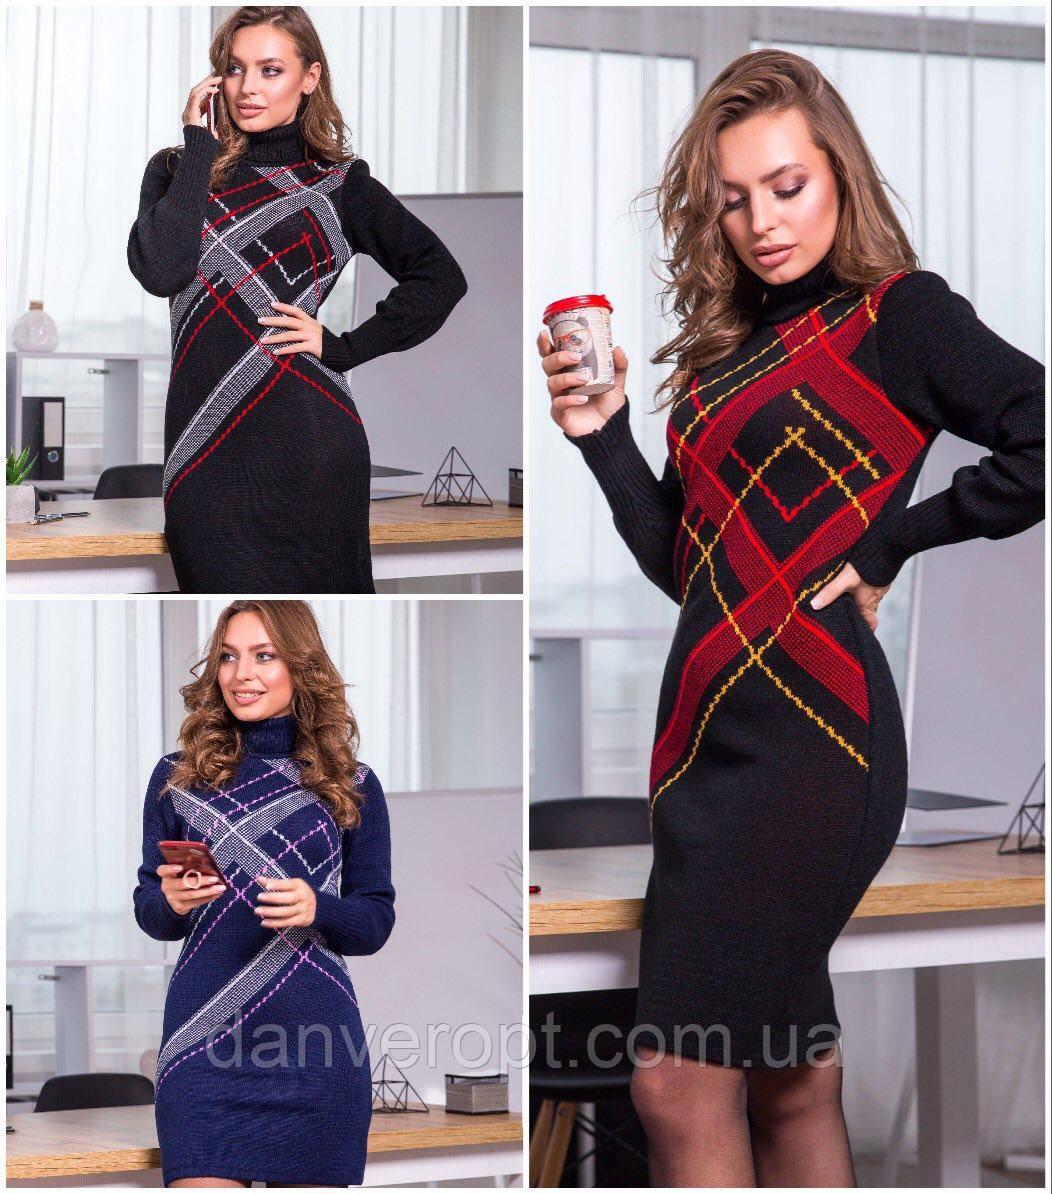 Платье женское модное стильное размер универсальный 44-52 купить оптом со склада 7км Одесса